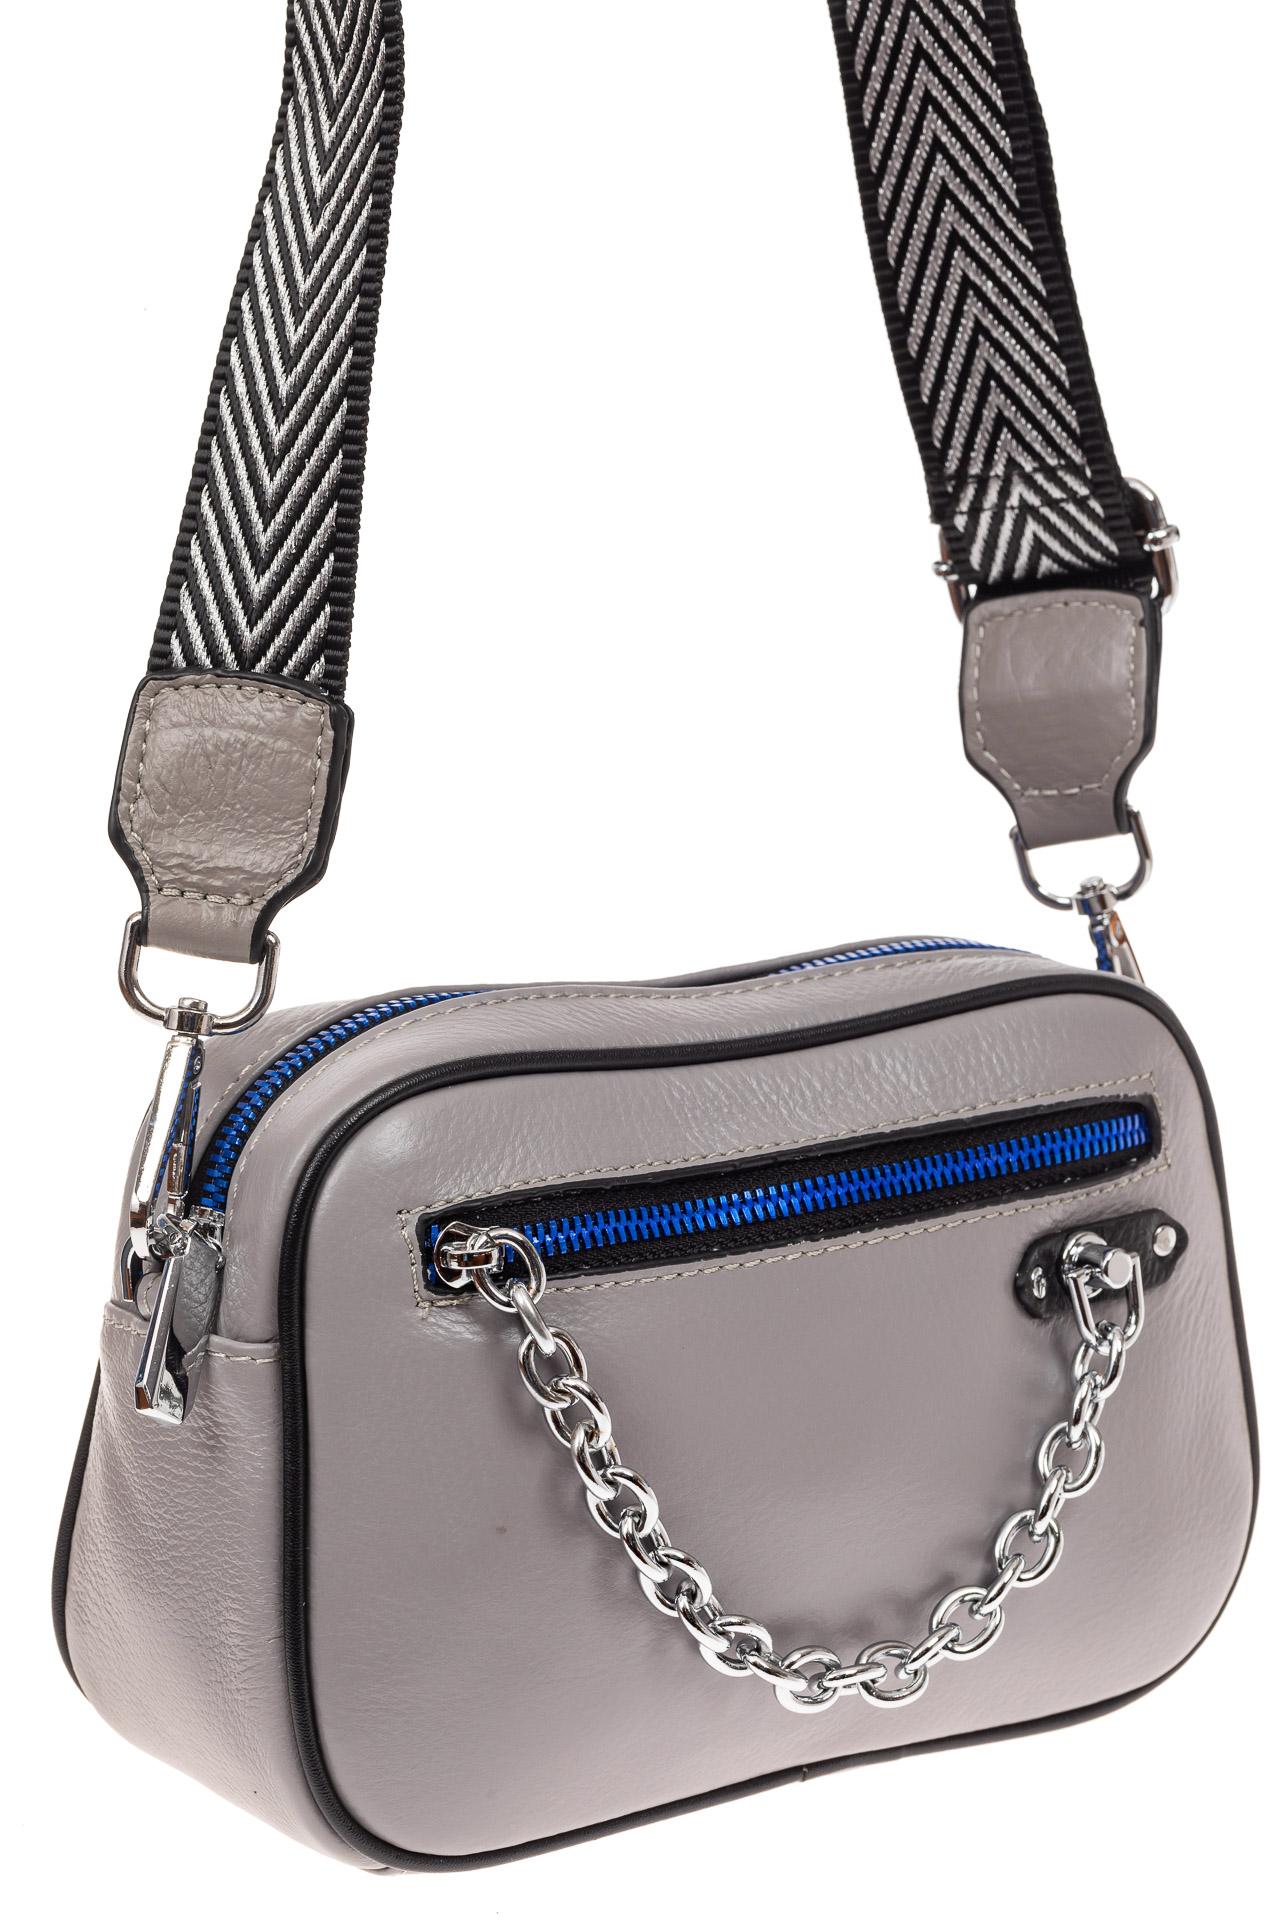 Молодежная сумка из натуральной кожи, цвет серый